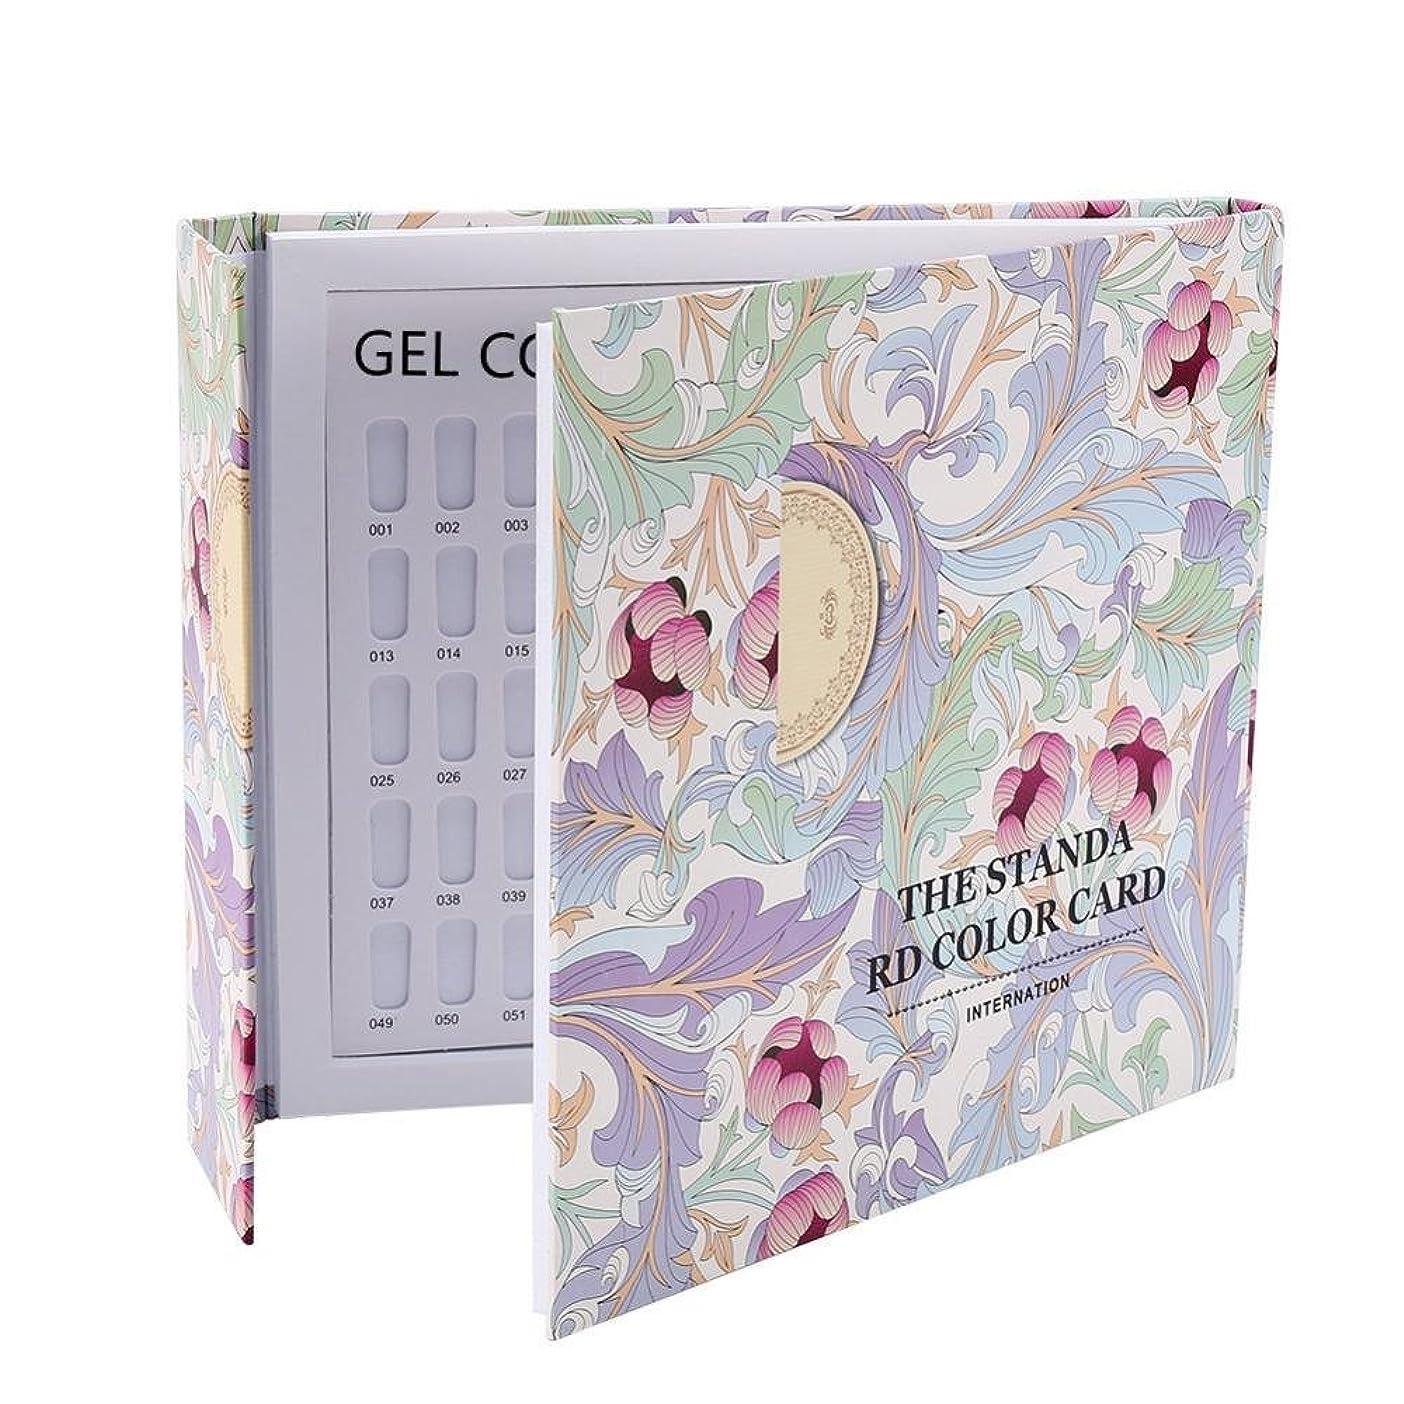 サーマル面積活力カラーチャート ブック - Delaman ネイル 色見本、ブック型 、ジェルネイル、カラーガイド、サンプル帳、120色 (パターンカバー)